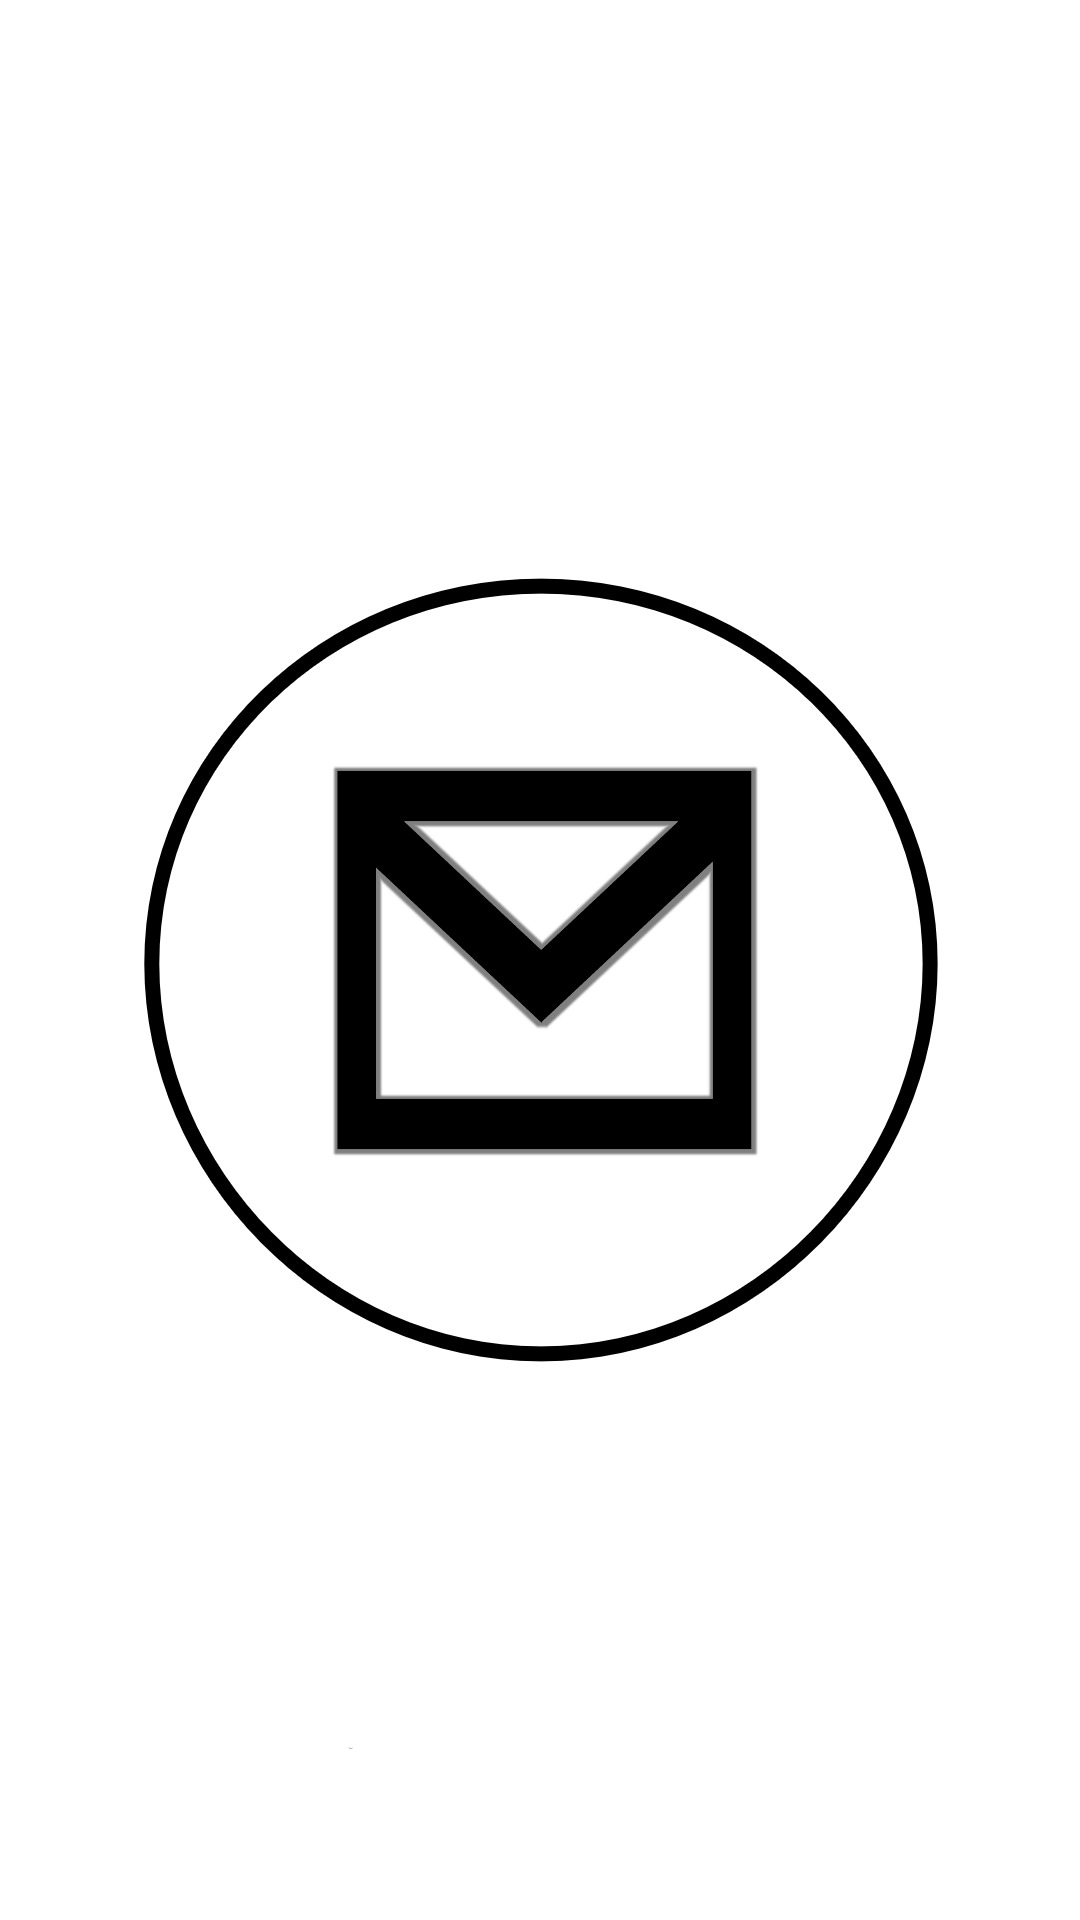 Instagram-cover-envelope-blackwhite-lotnotes.com.jpg